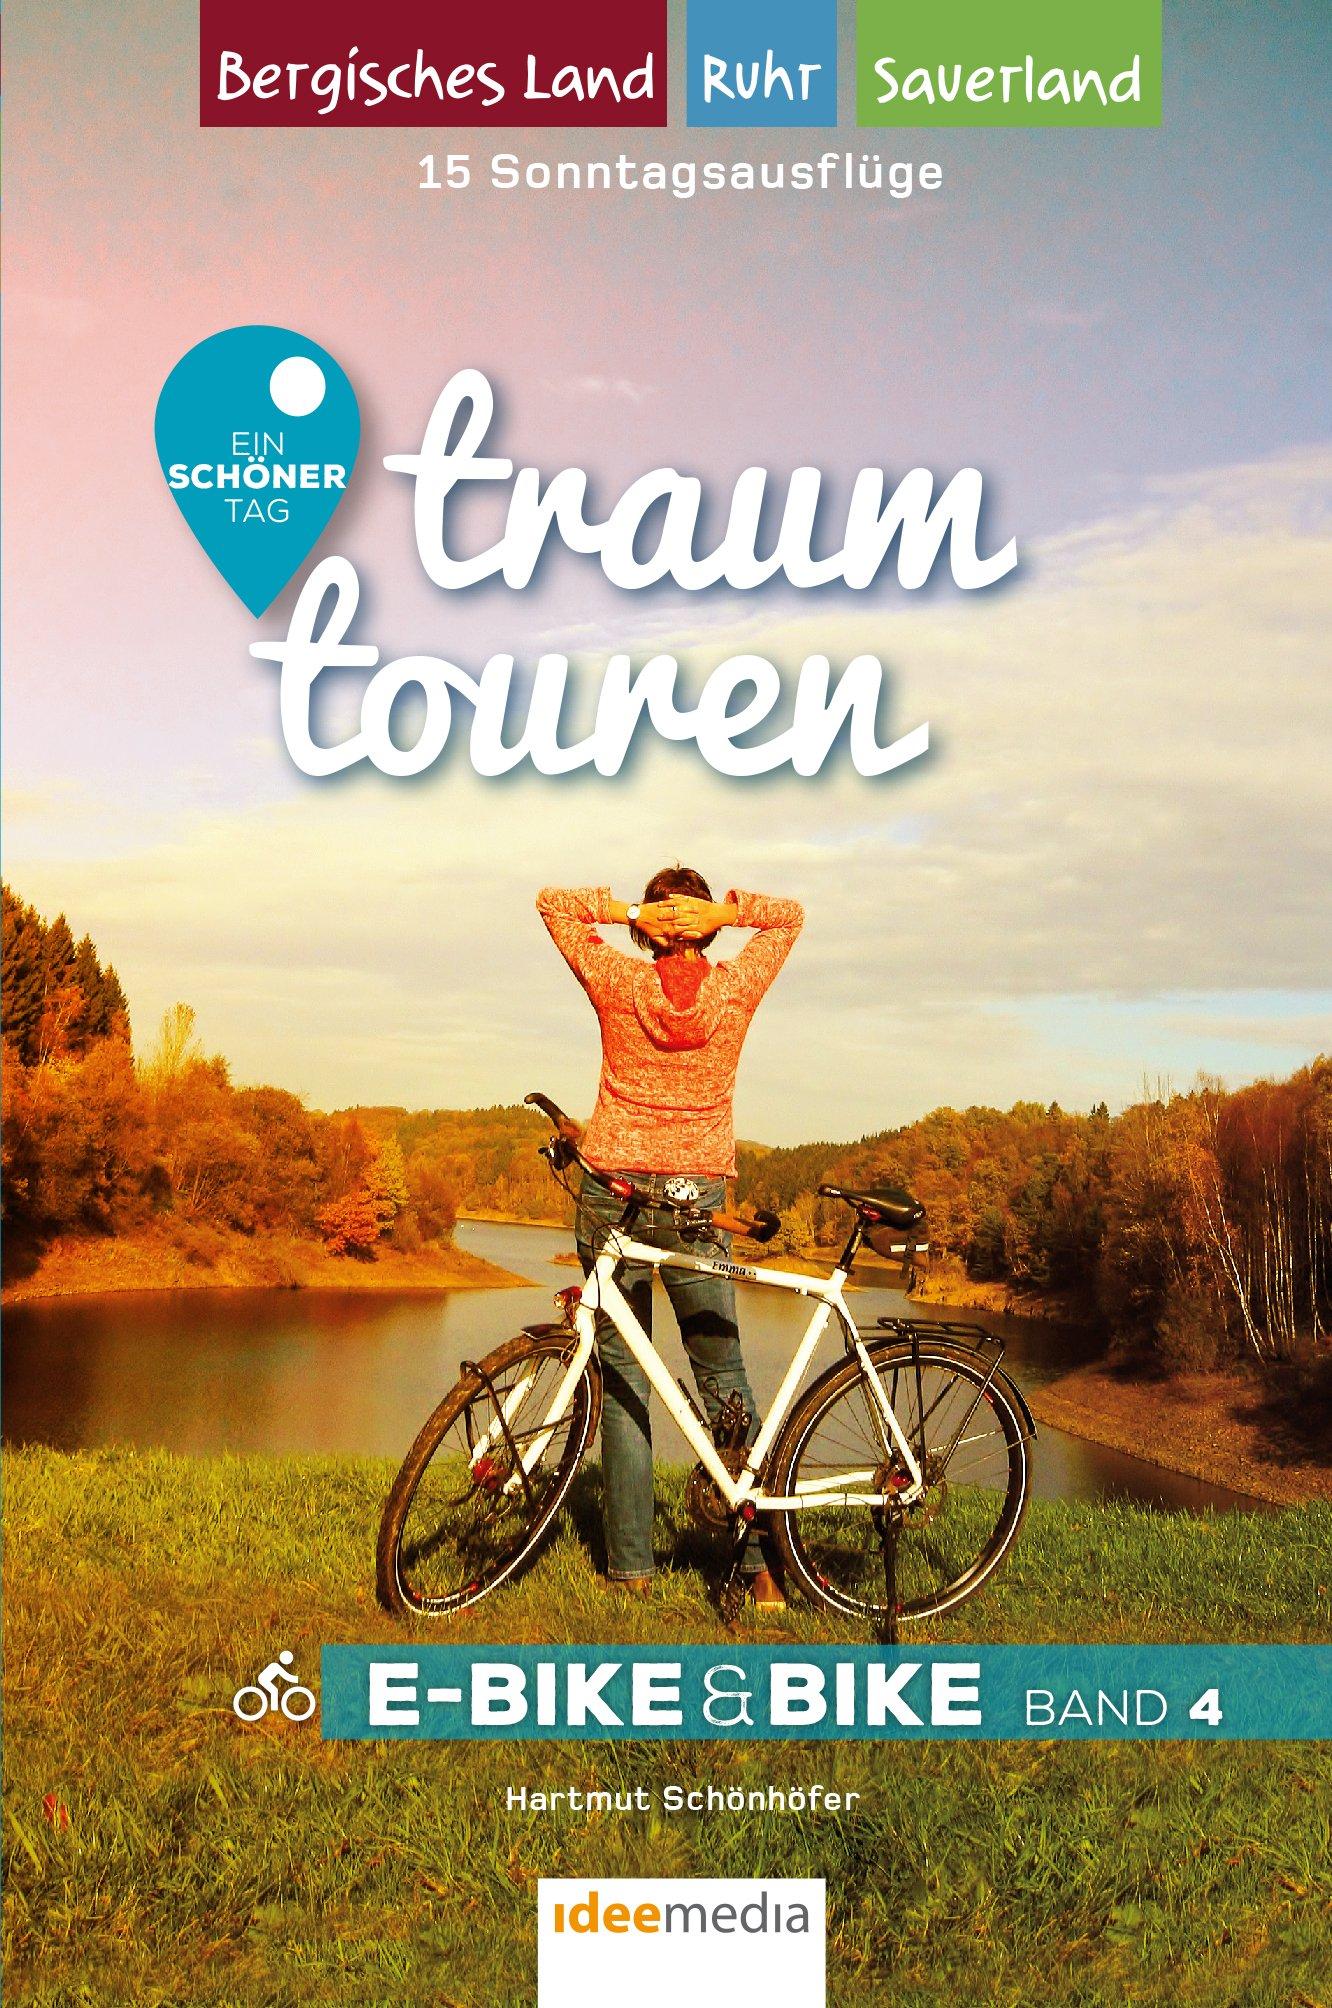 Traumtouren E Bike And Bike Band 4  Ein Schöner Tag   15 Sonntagstouren Mit E Bike And Bike. Bergisches Land Sauerland Ruhrgebiet  Traumtouren E BikeandBike   Radführer Von Ideemedia